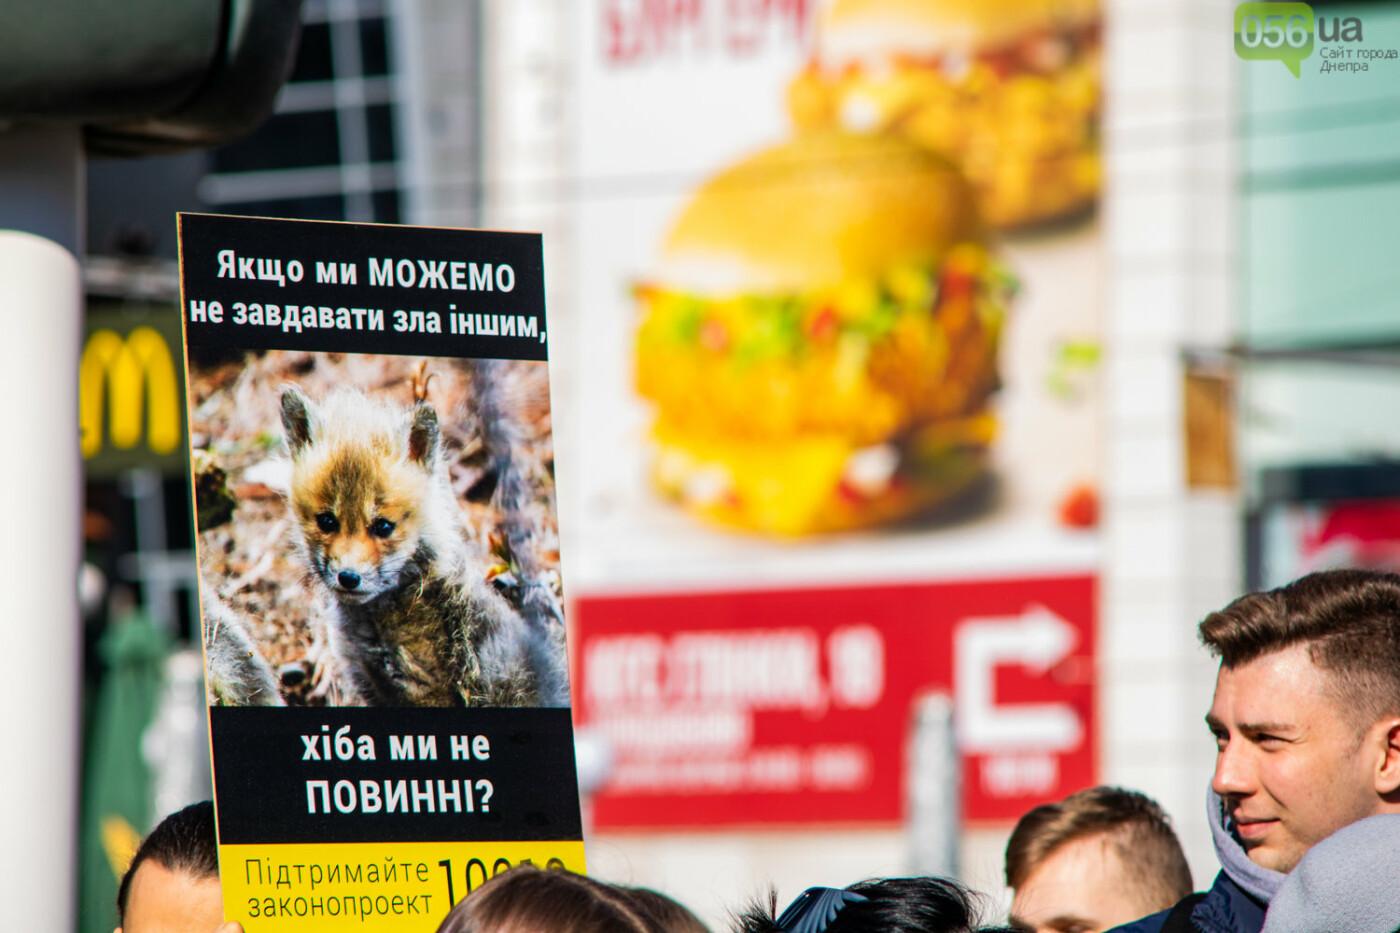 Полярная лиса, законопроект и кричащие плакаты: как в центре Днепра прошла антимеховая акция, - ФОТОРЕПОРТАЖ, ВИДЕО, фото-9